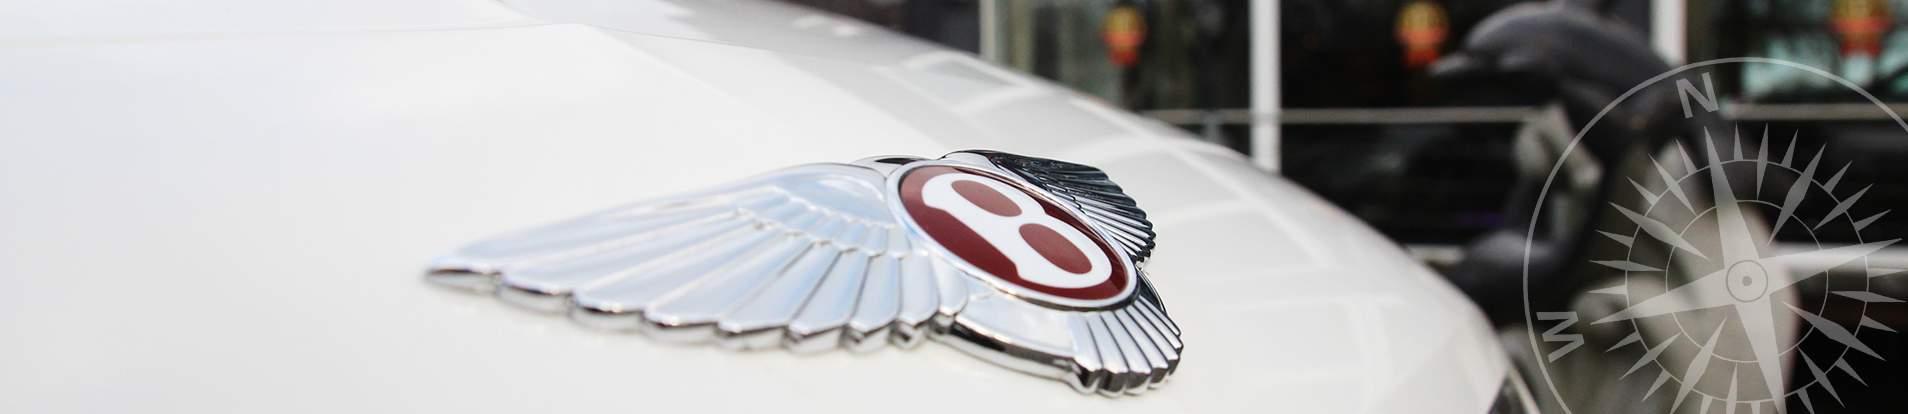 Bentley Wappen auf Haube